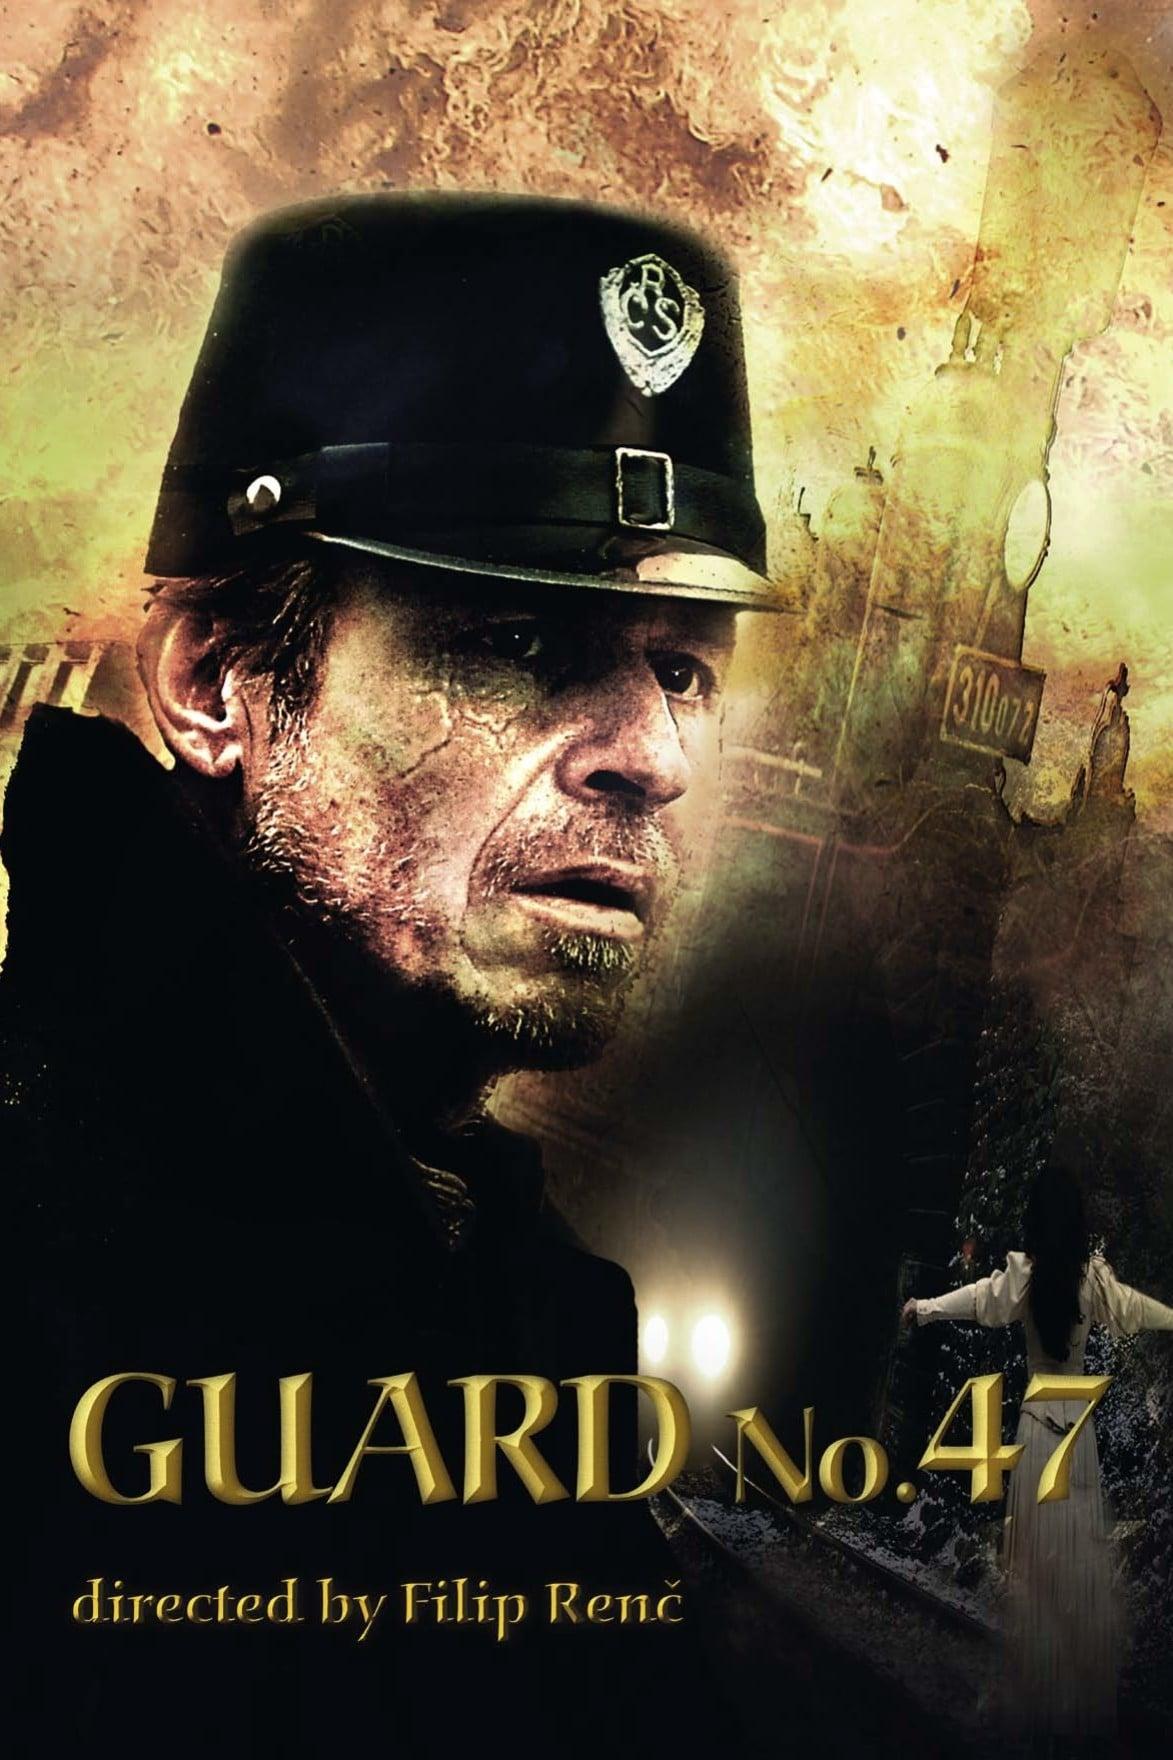 Guard No. 47